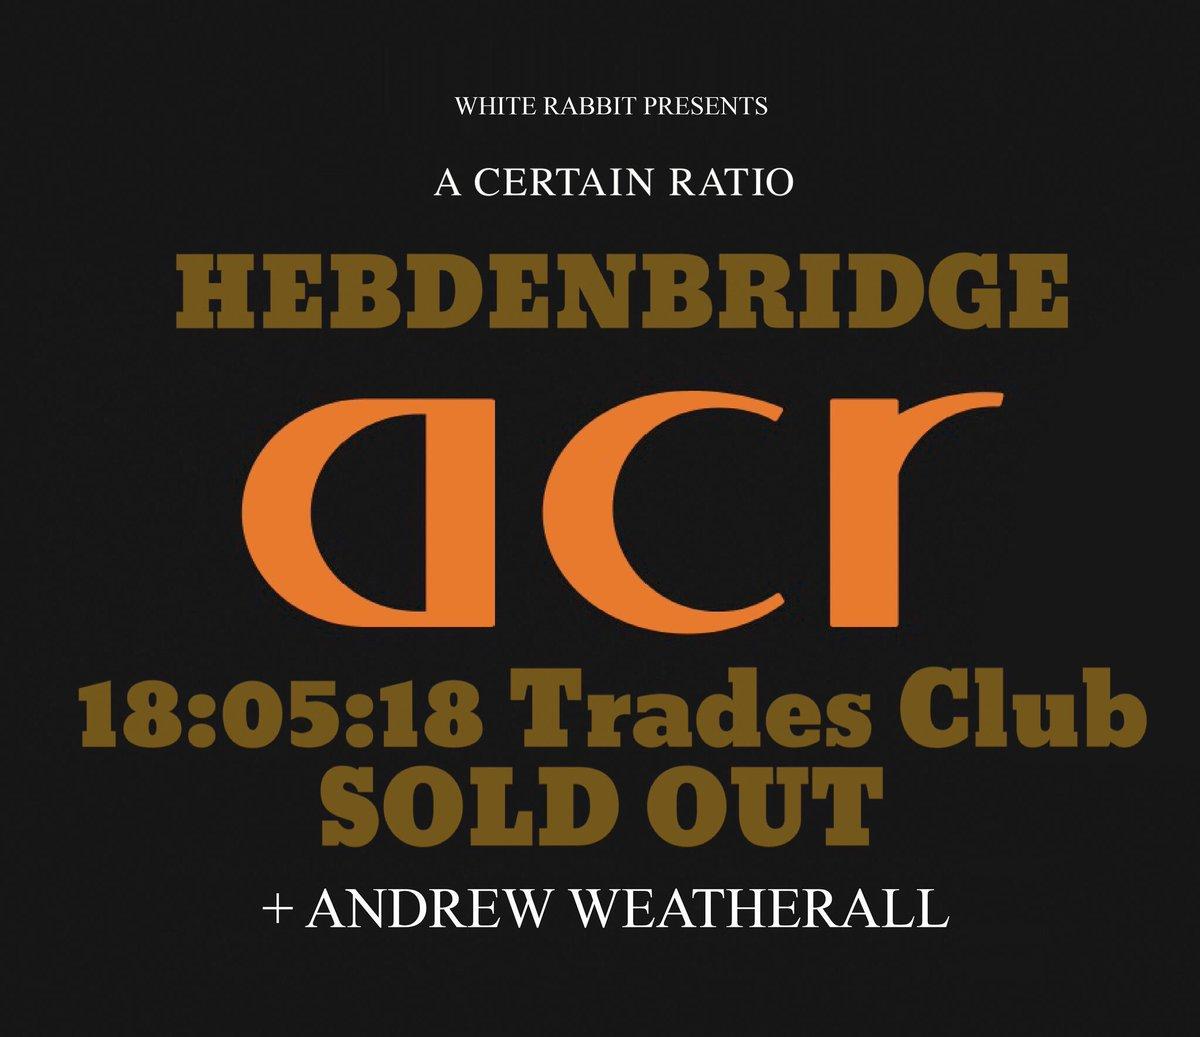 May 18 2018, Trades Club, Hebden Bridge - ACR Gigography